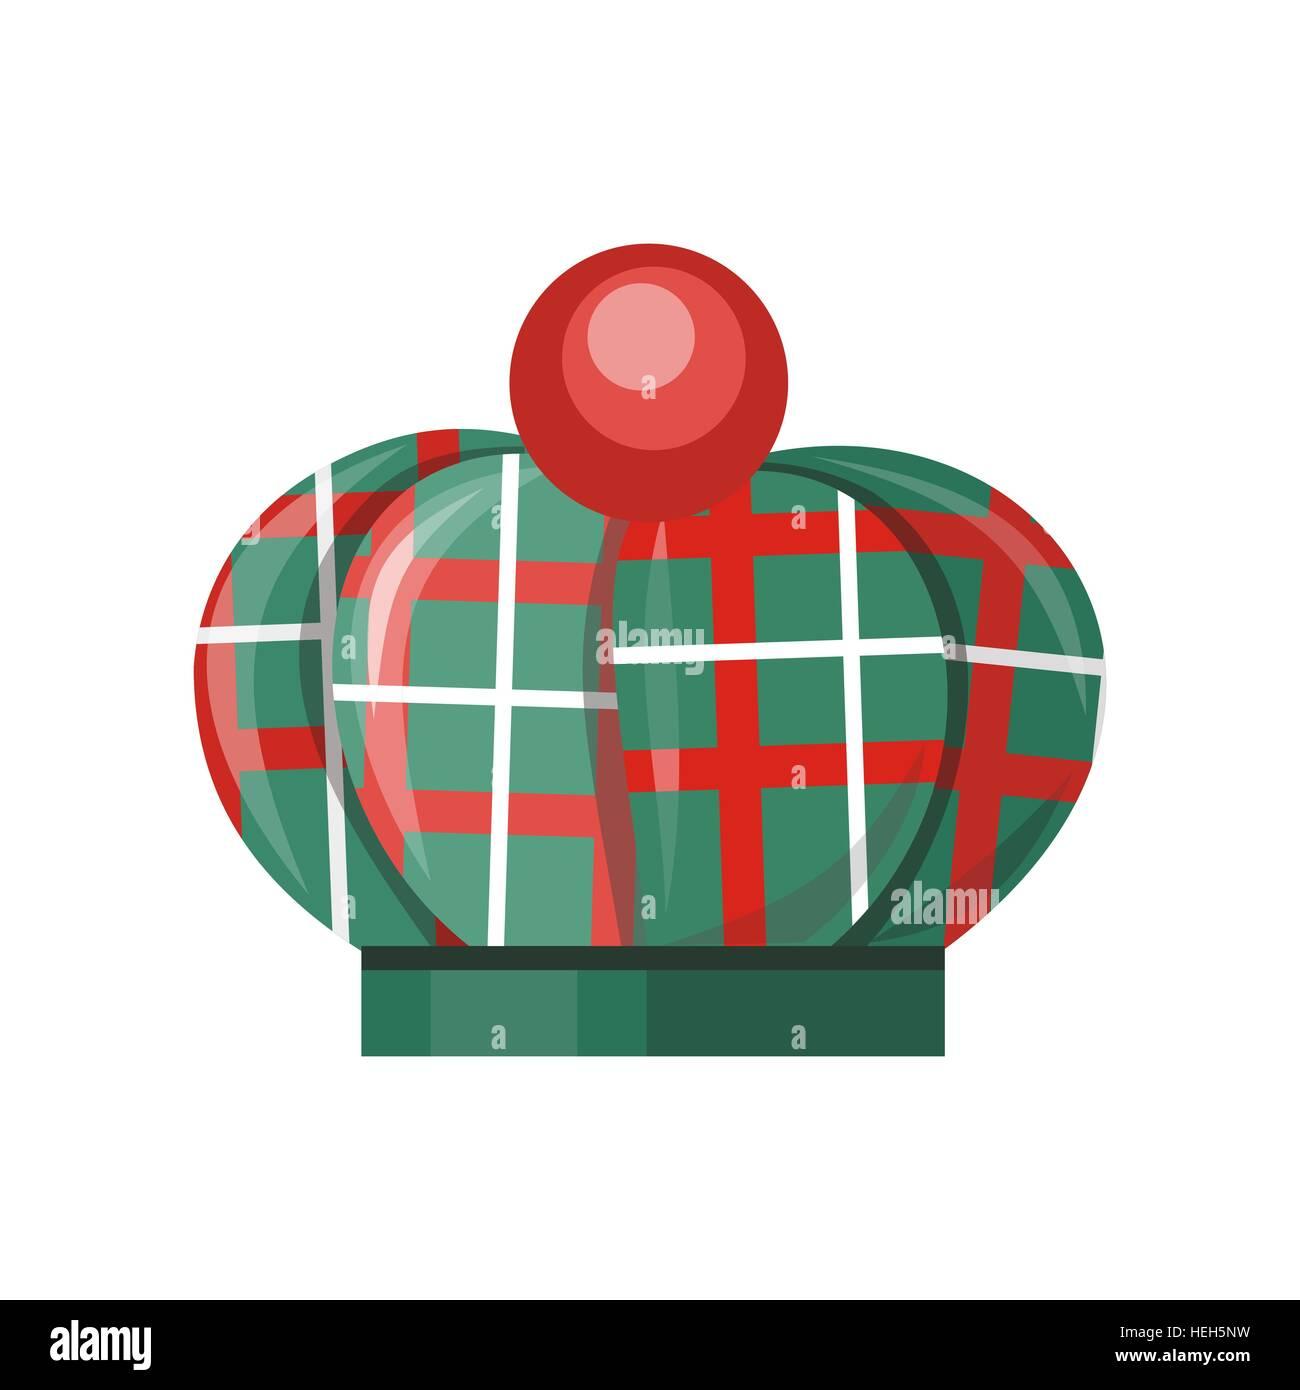 Sombrero escocés aislados en blanco. Sombrero escocés aislados en blanco.  Scottish National PAC tradicional e2db99256eb